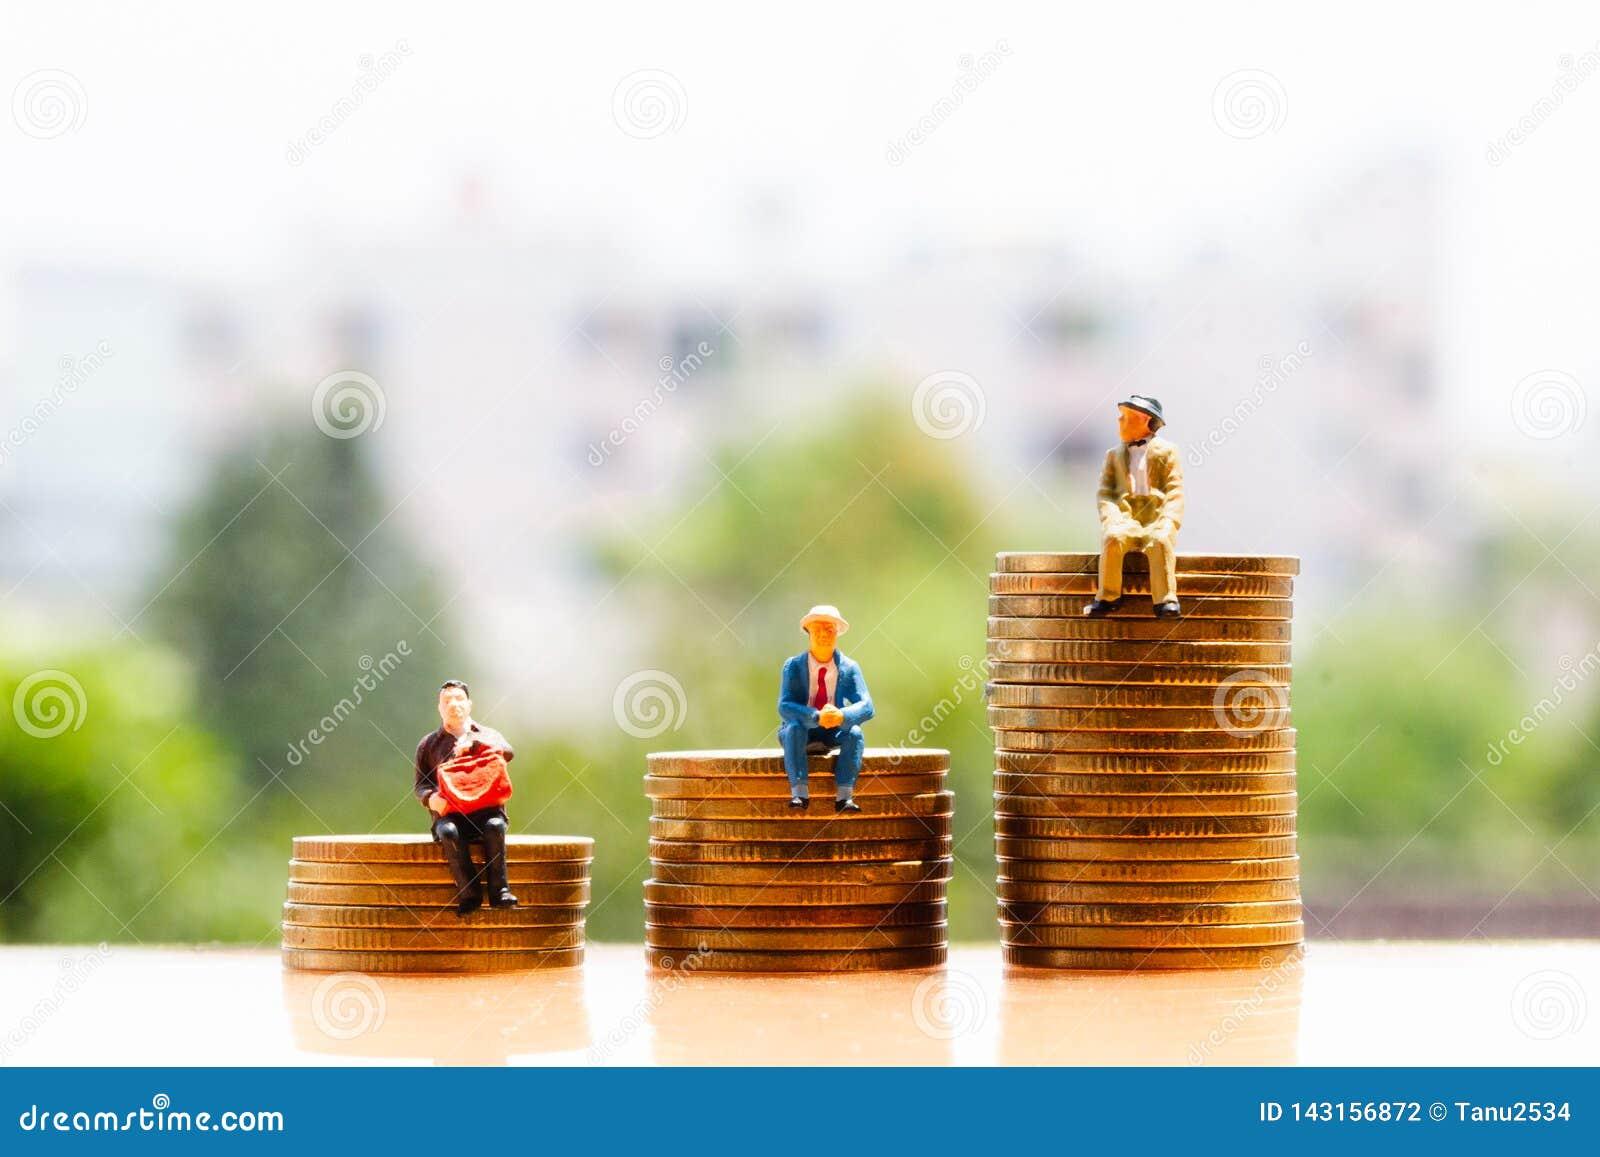 Pièces de monnaie et personnes âgées sur le fond de nature ; économie d argent